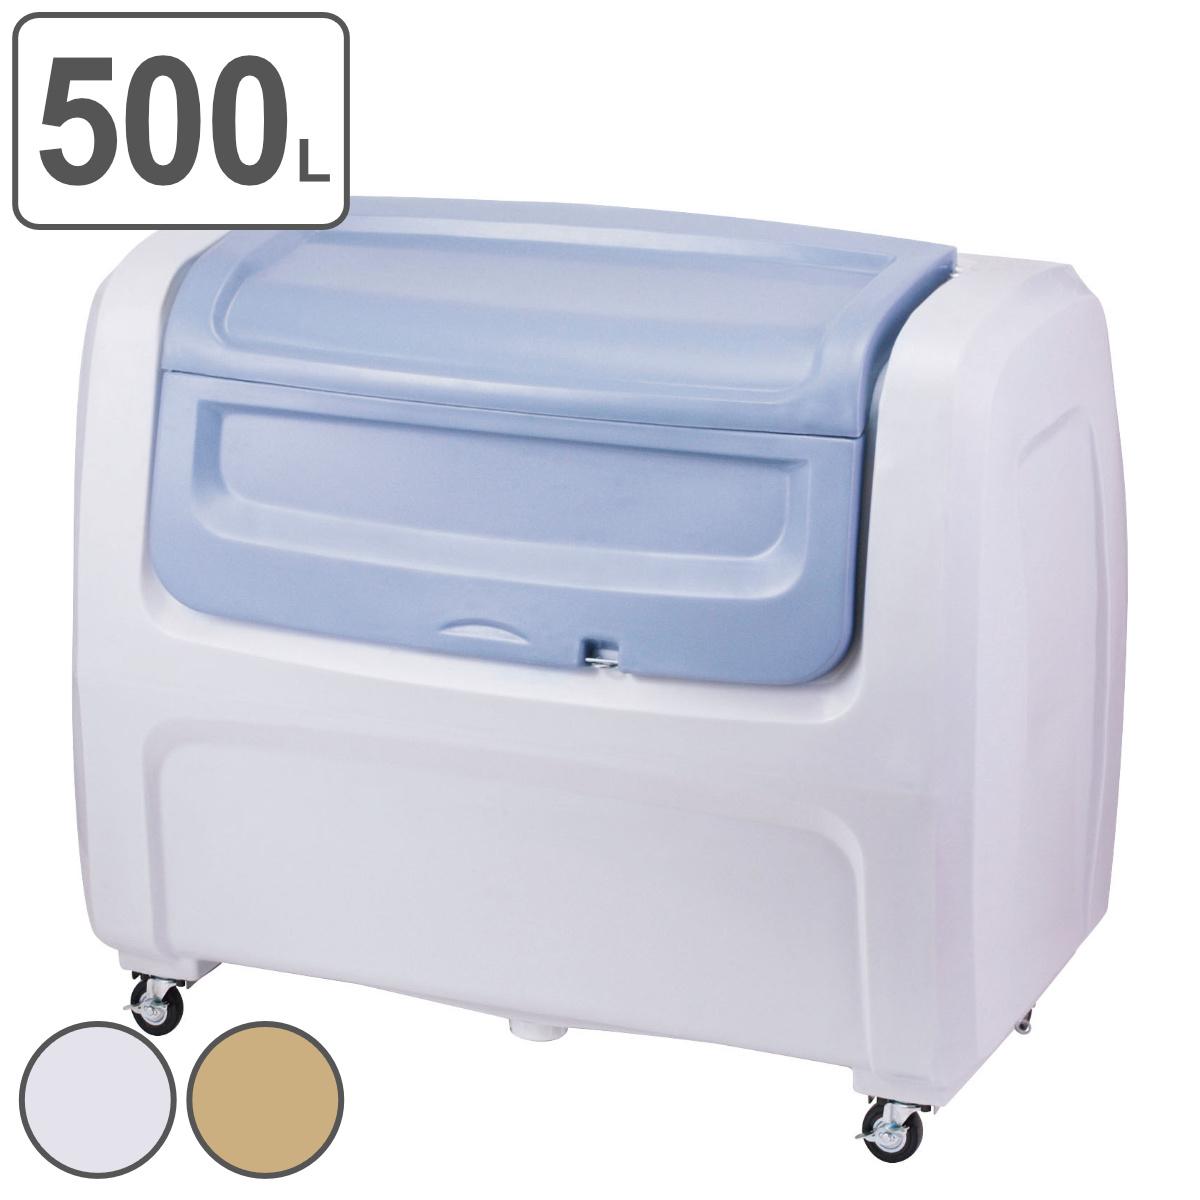 ダストボックスDX #500 (大型ゴミ箱 回収用 キャスター付き 山崎産業 送料無料 )